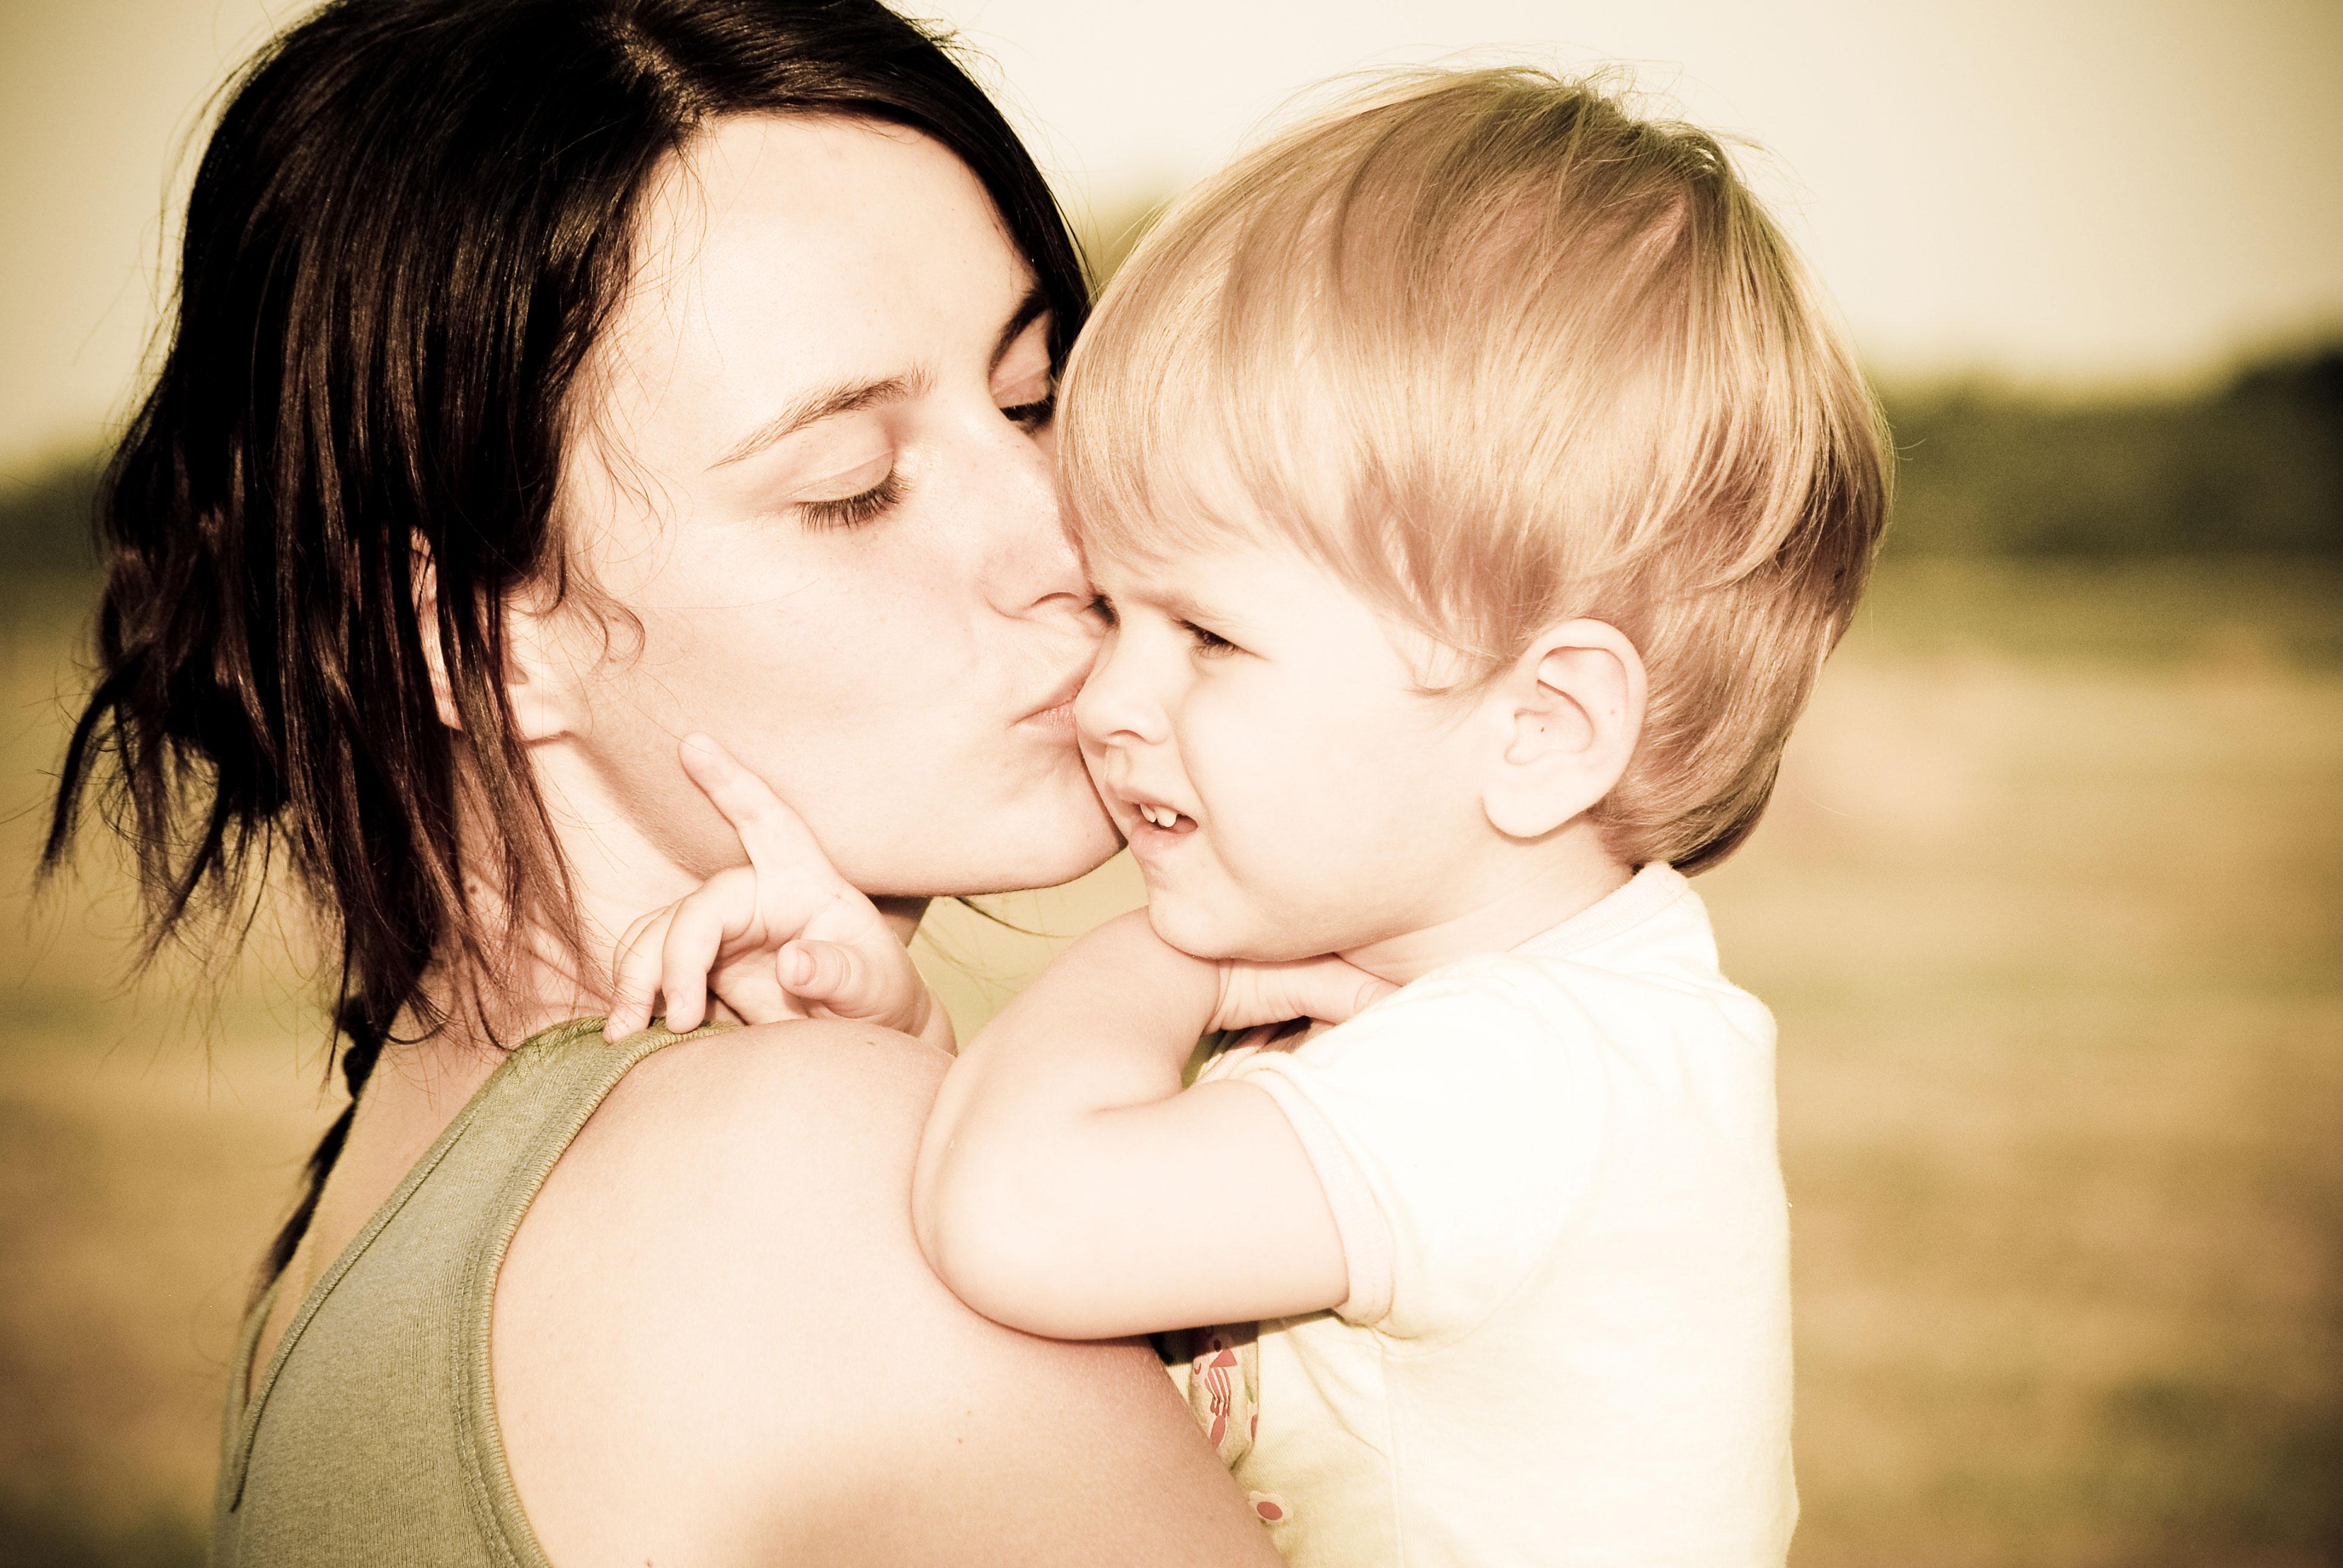 dia de la madre - Día de la madre: 7 ideas para regalar o darte un capricho en tu día